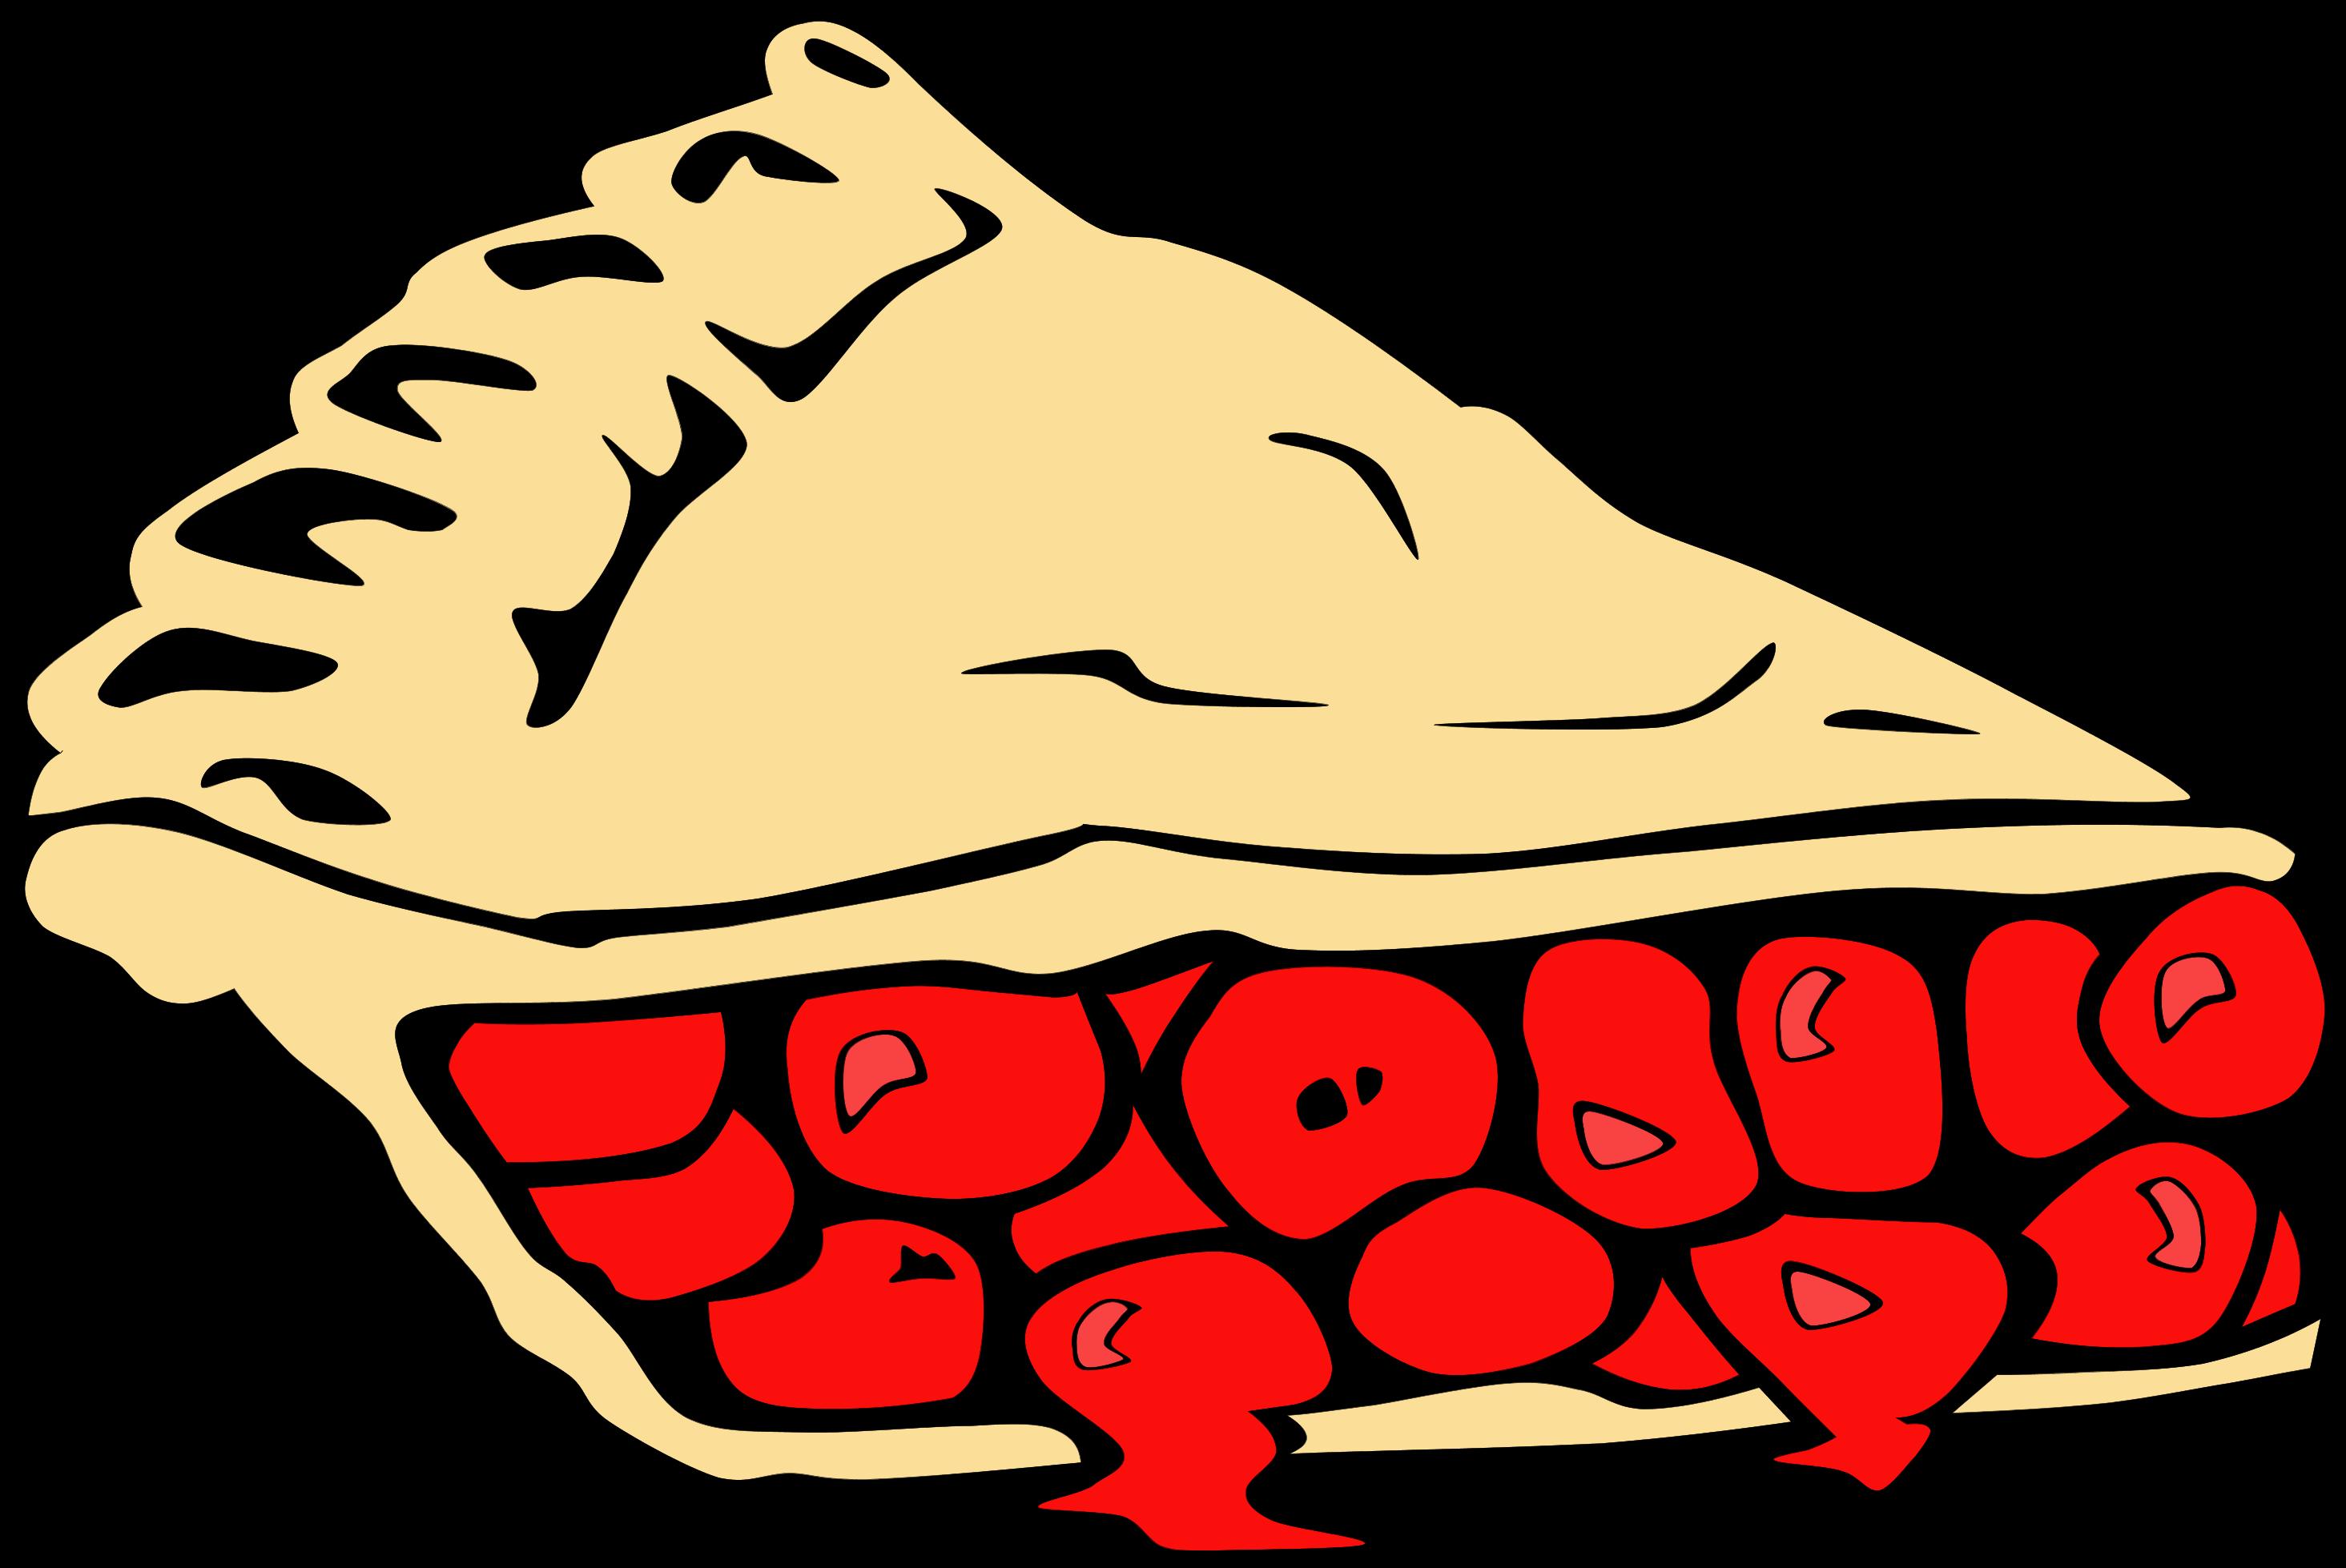 Pie clipart Pie Clip Images Pie Art